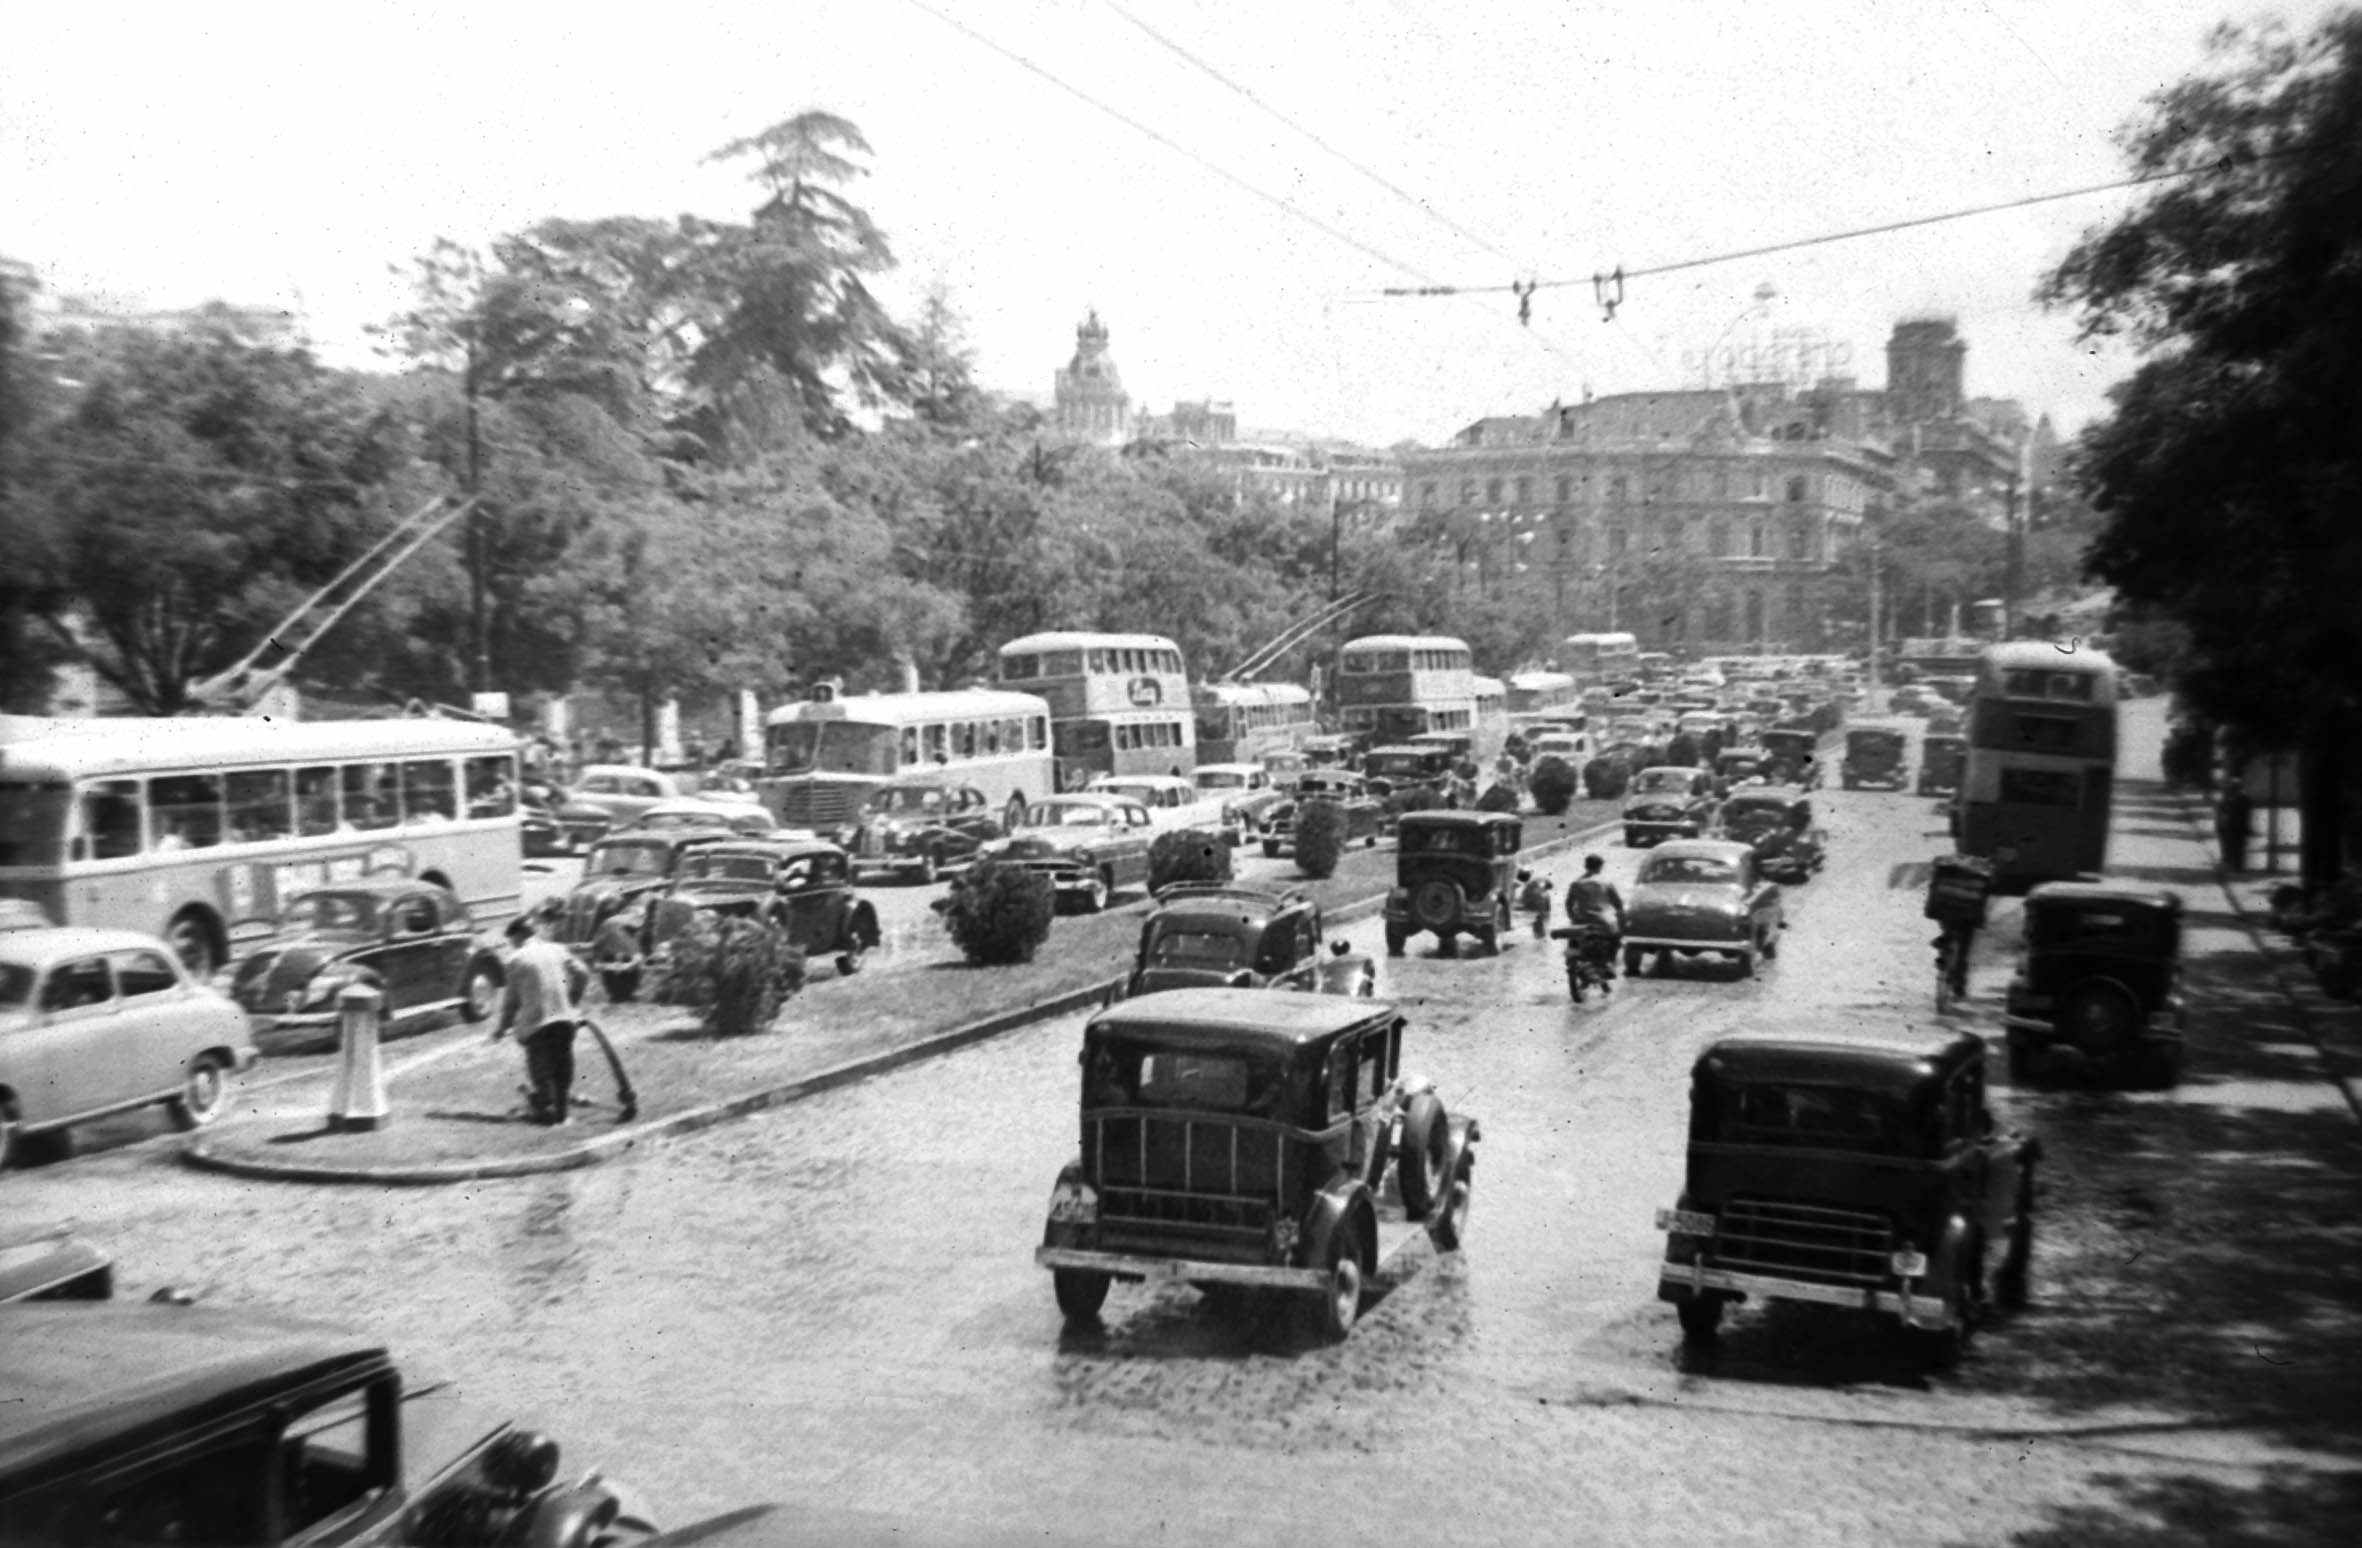 La foto de la semana: Tráfico en la Calle de Alcalá (1955)